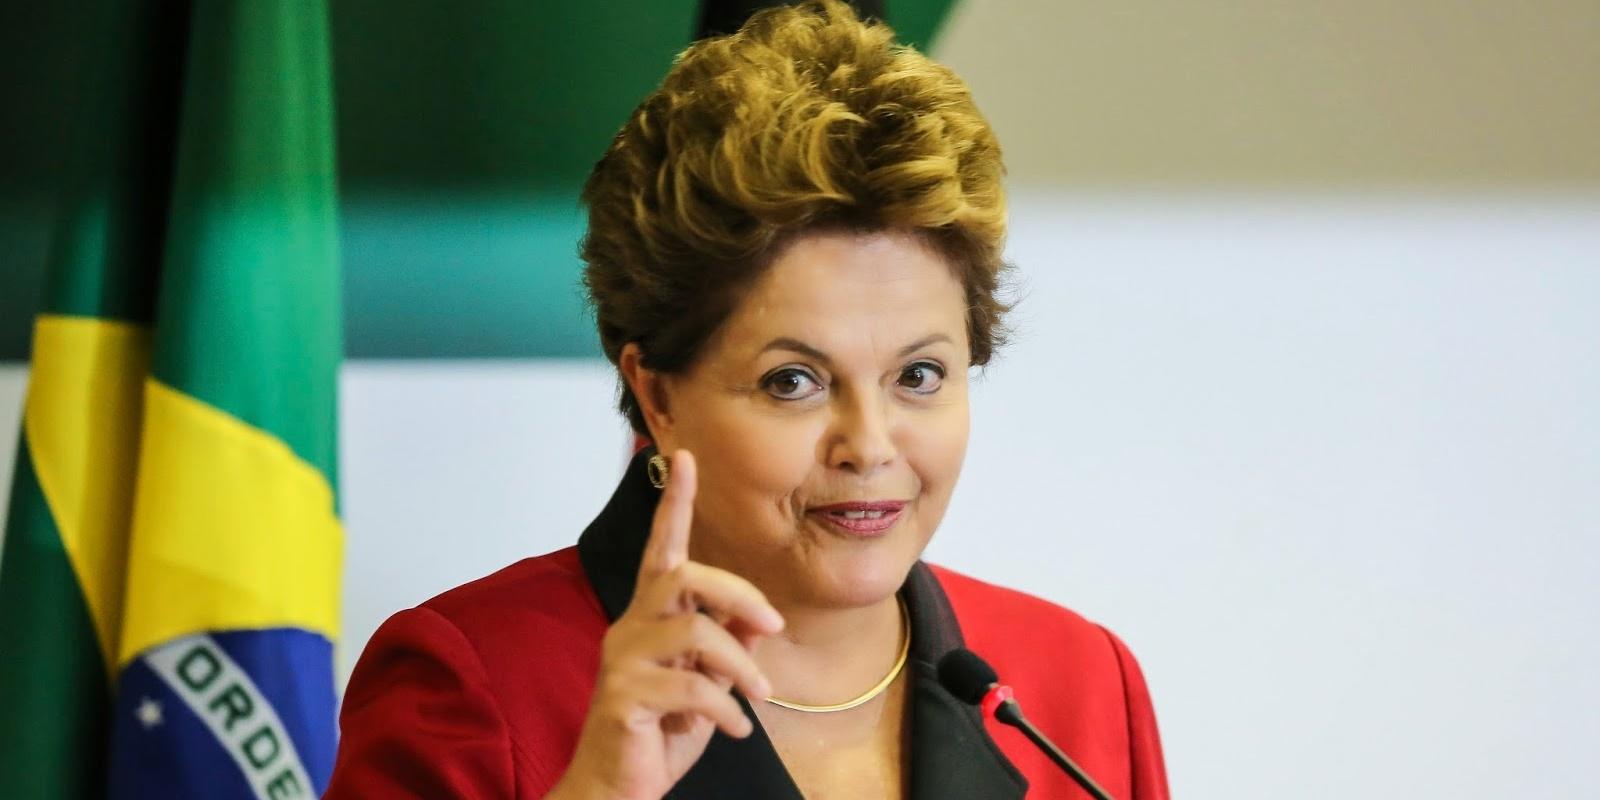 """Imagem de Presidente Dilma responde a perguntas sobre o """"Mais Médicos"""" no Facebook no site TecMundo"""